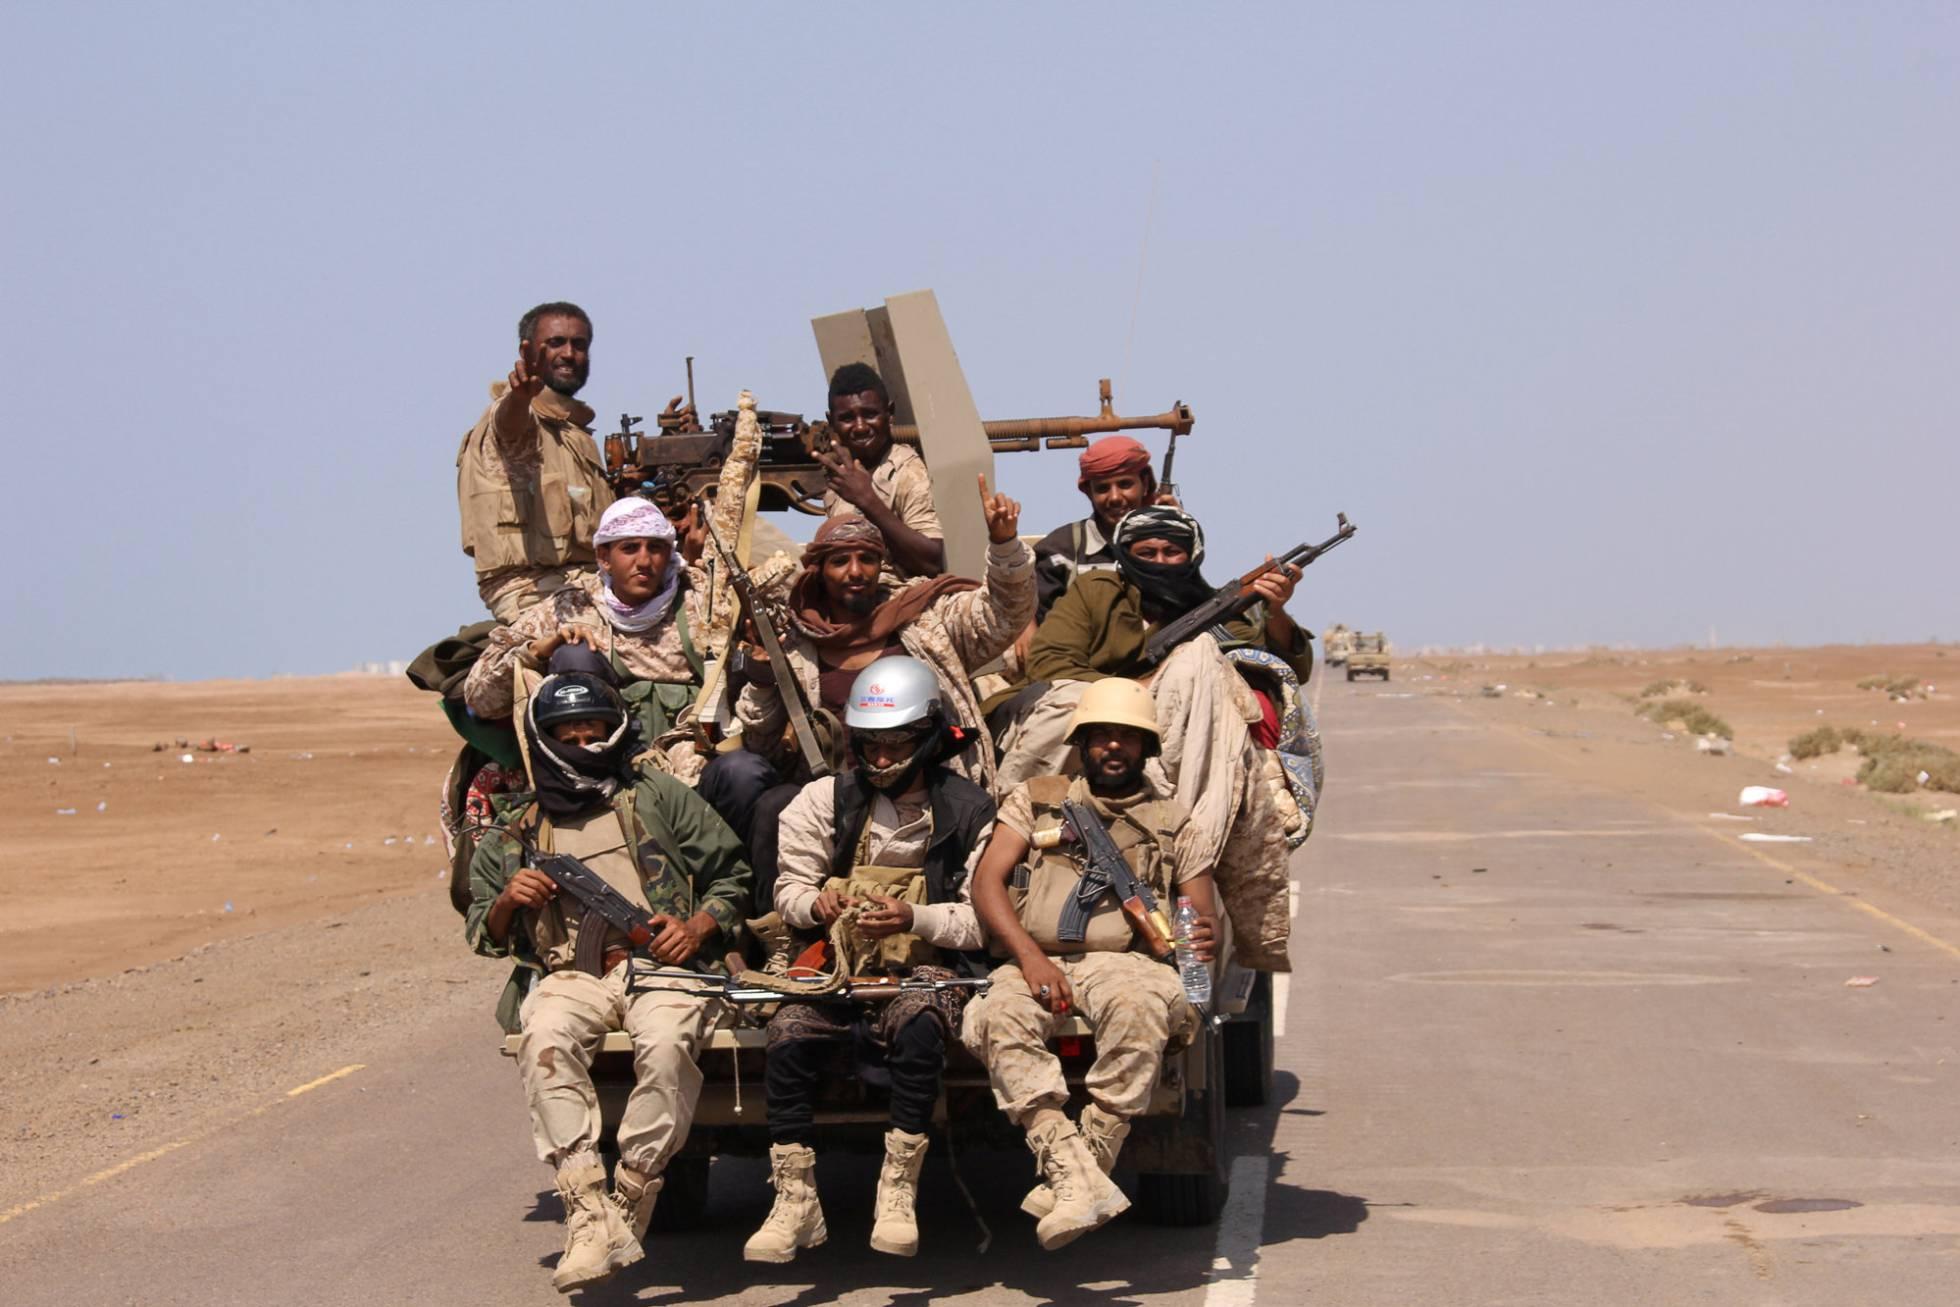 Conflicto en Yemen - Página 8 1485679283_727018_1485680022_noticia_normal_recorte1